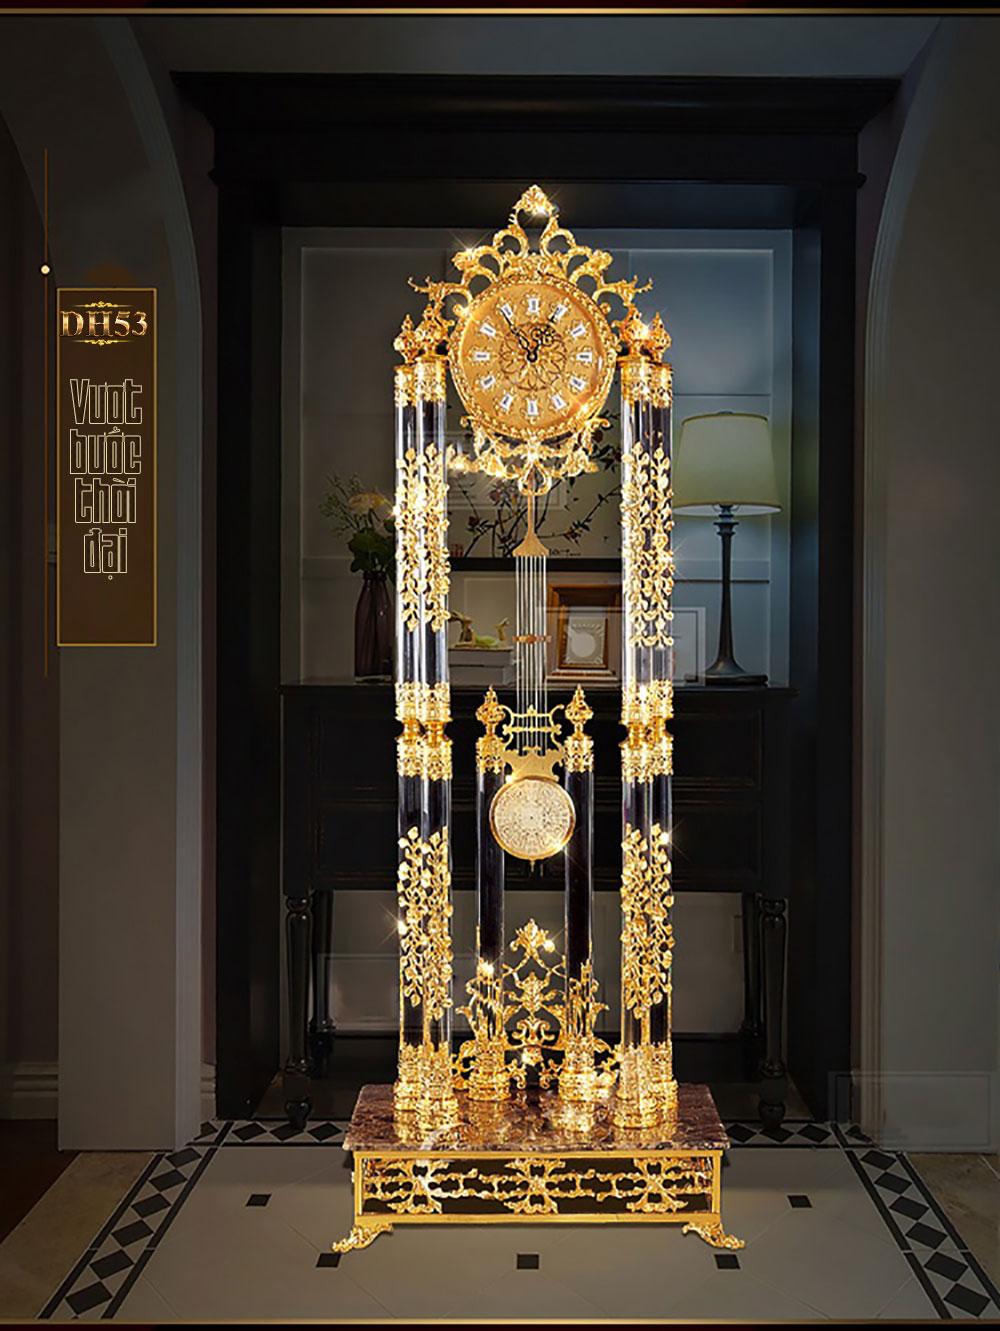 Đồng hồ cây pha lê mạ vàng DH53 kiểu dáng cổ điển cao cấp